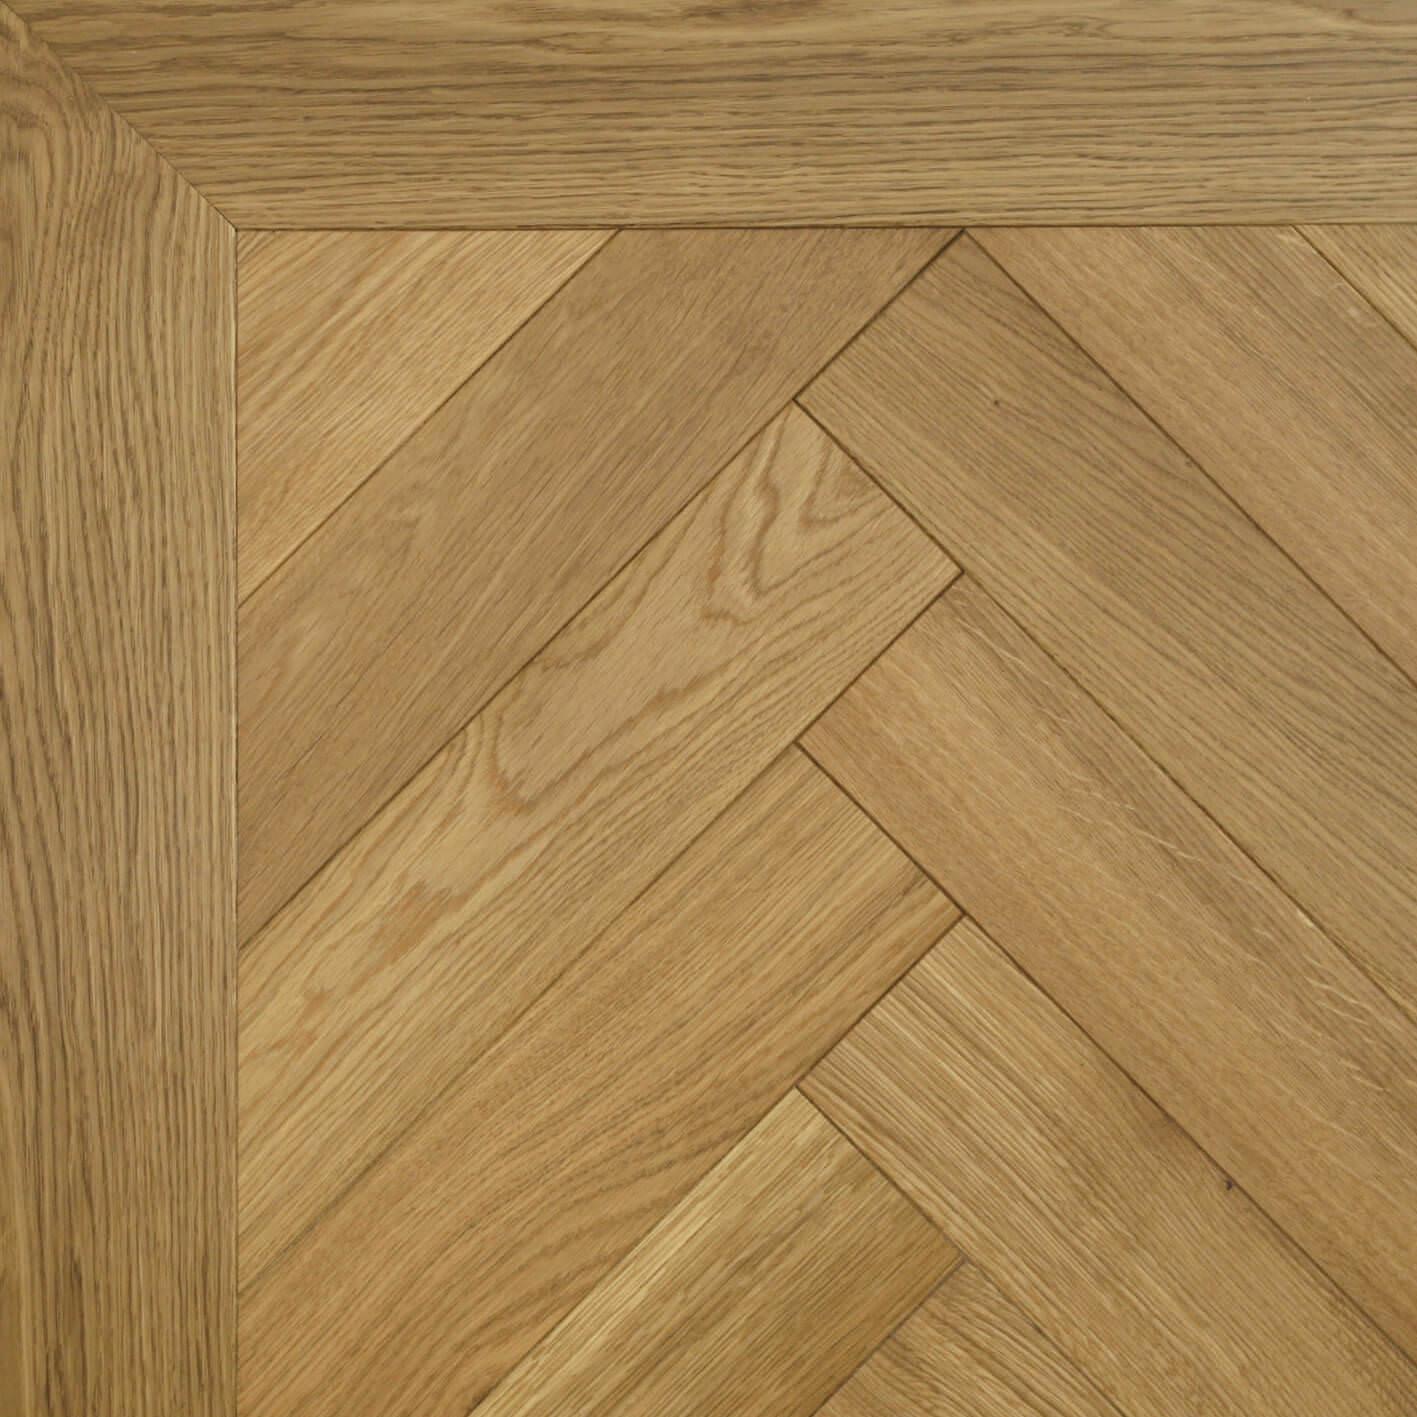 Euro Oak Prime Woodblocks Gjp Flooring Brighton Amp Sussex